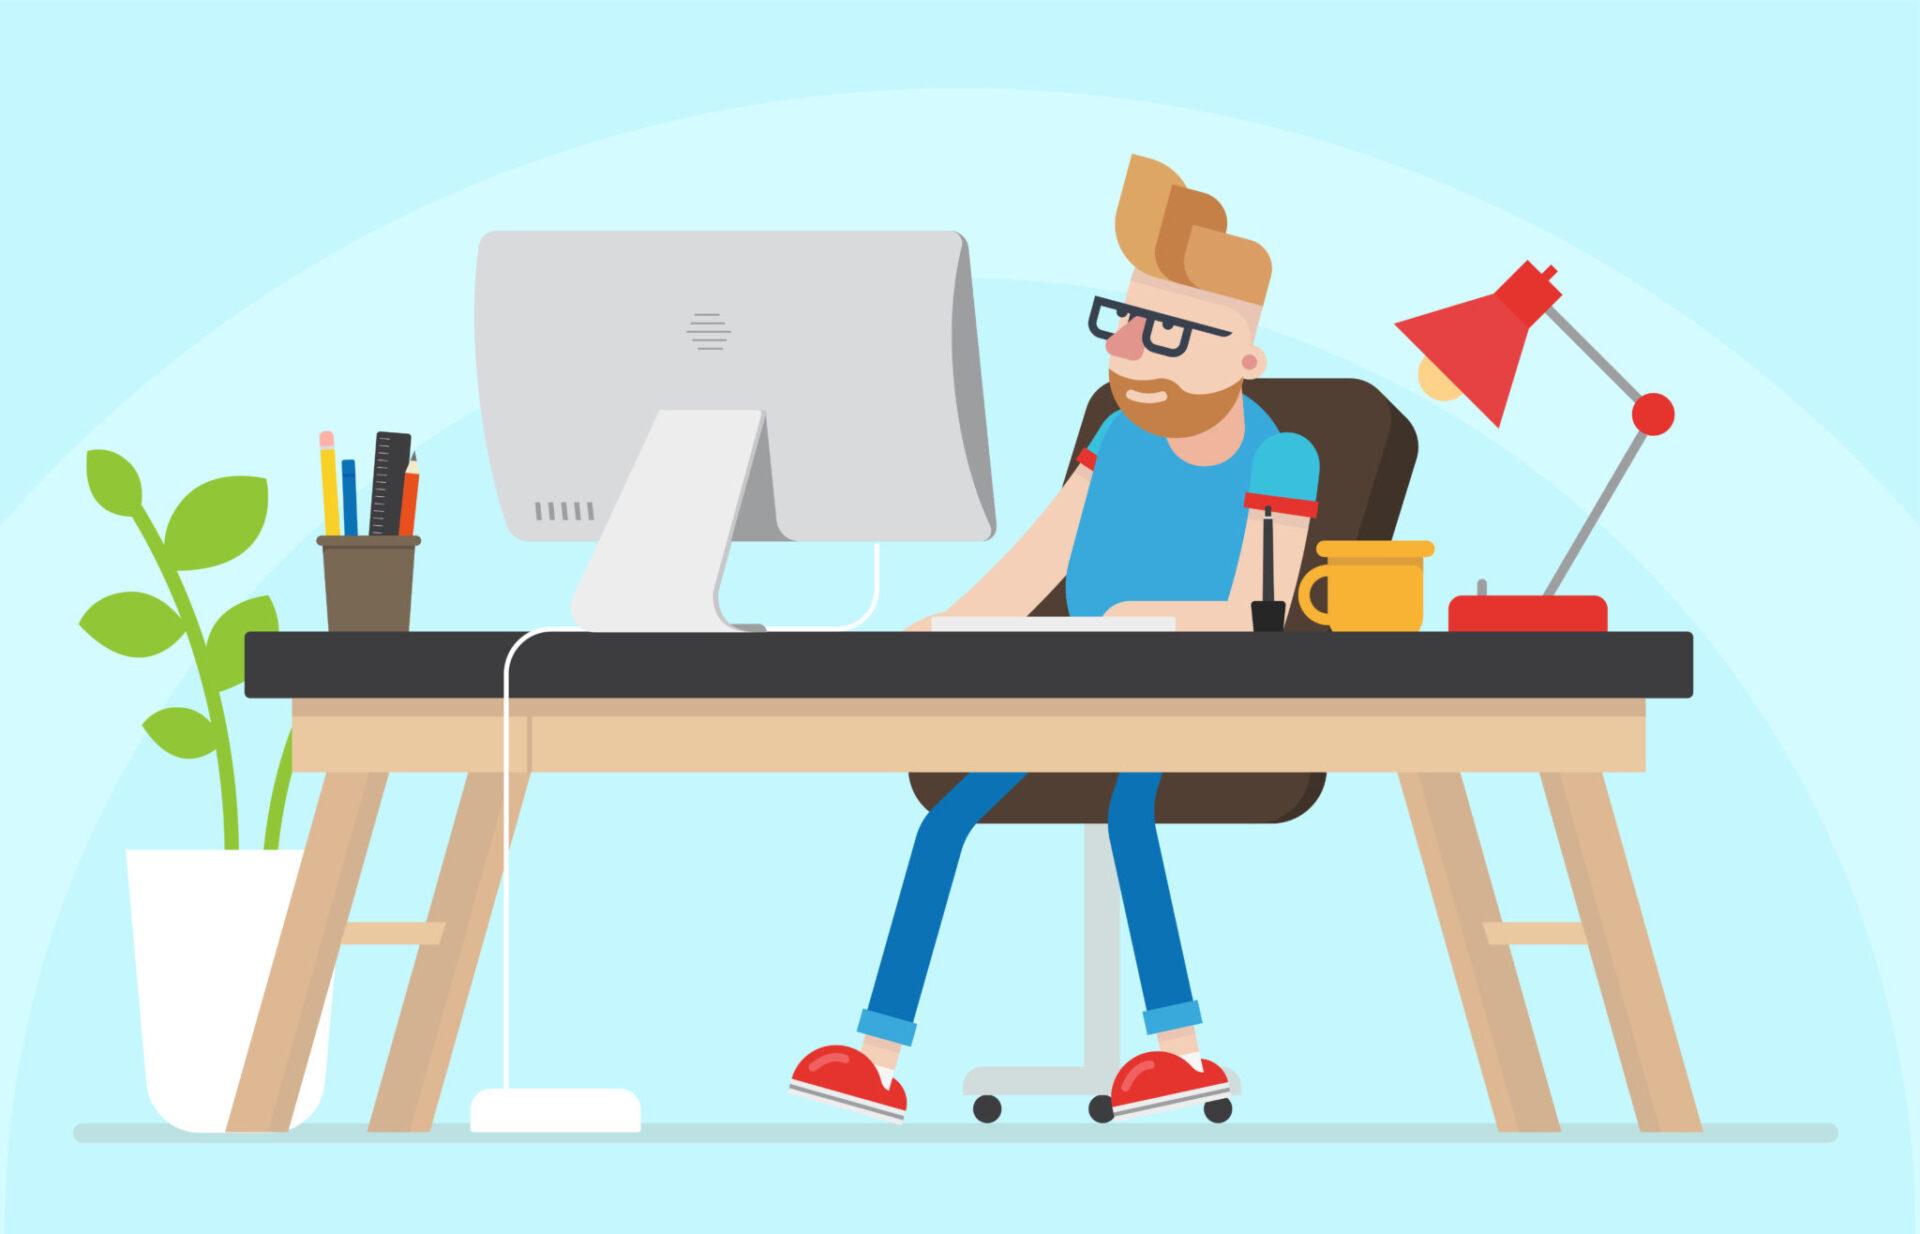 「【独学で動画編集を学ぶ】動画クリエイターを目指す人の勉強方法」のアイキャッチ画像